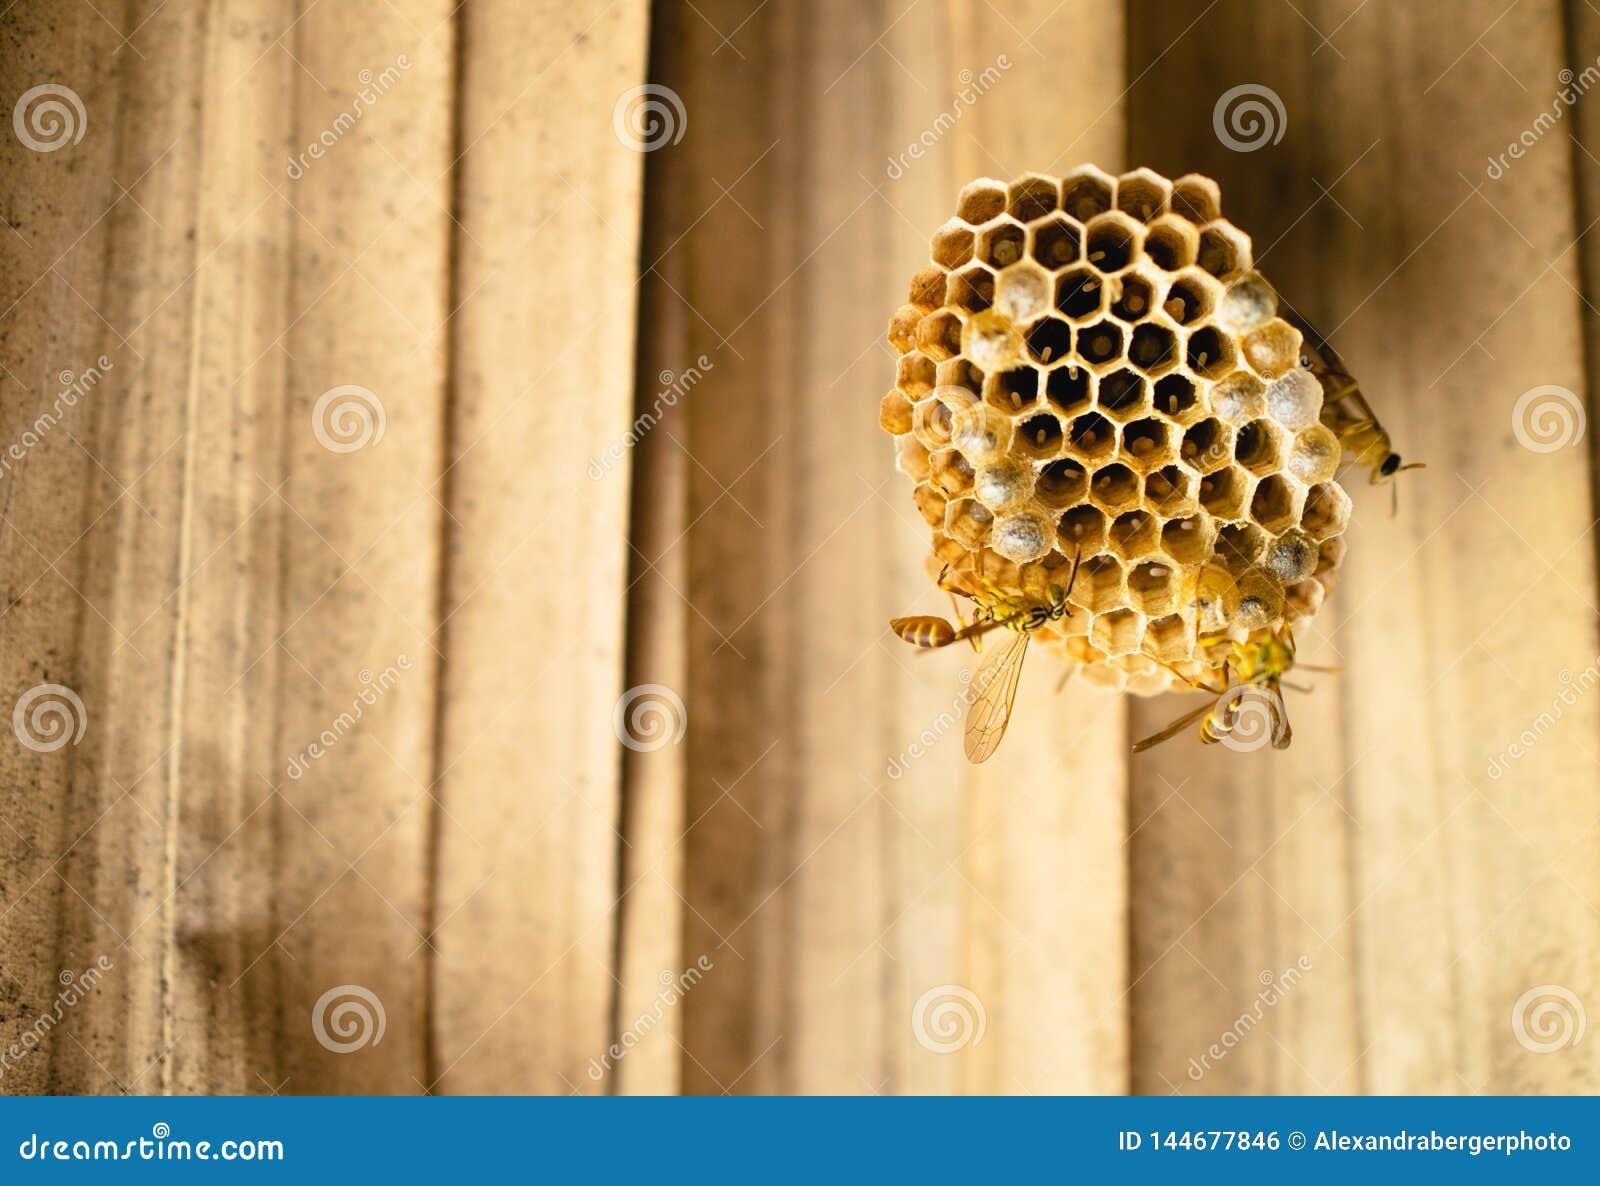 De bijen, wespen bouwen een nest samen, met eieren wordt gevuld dat